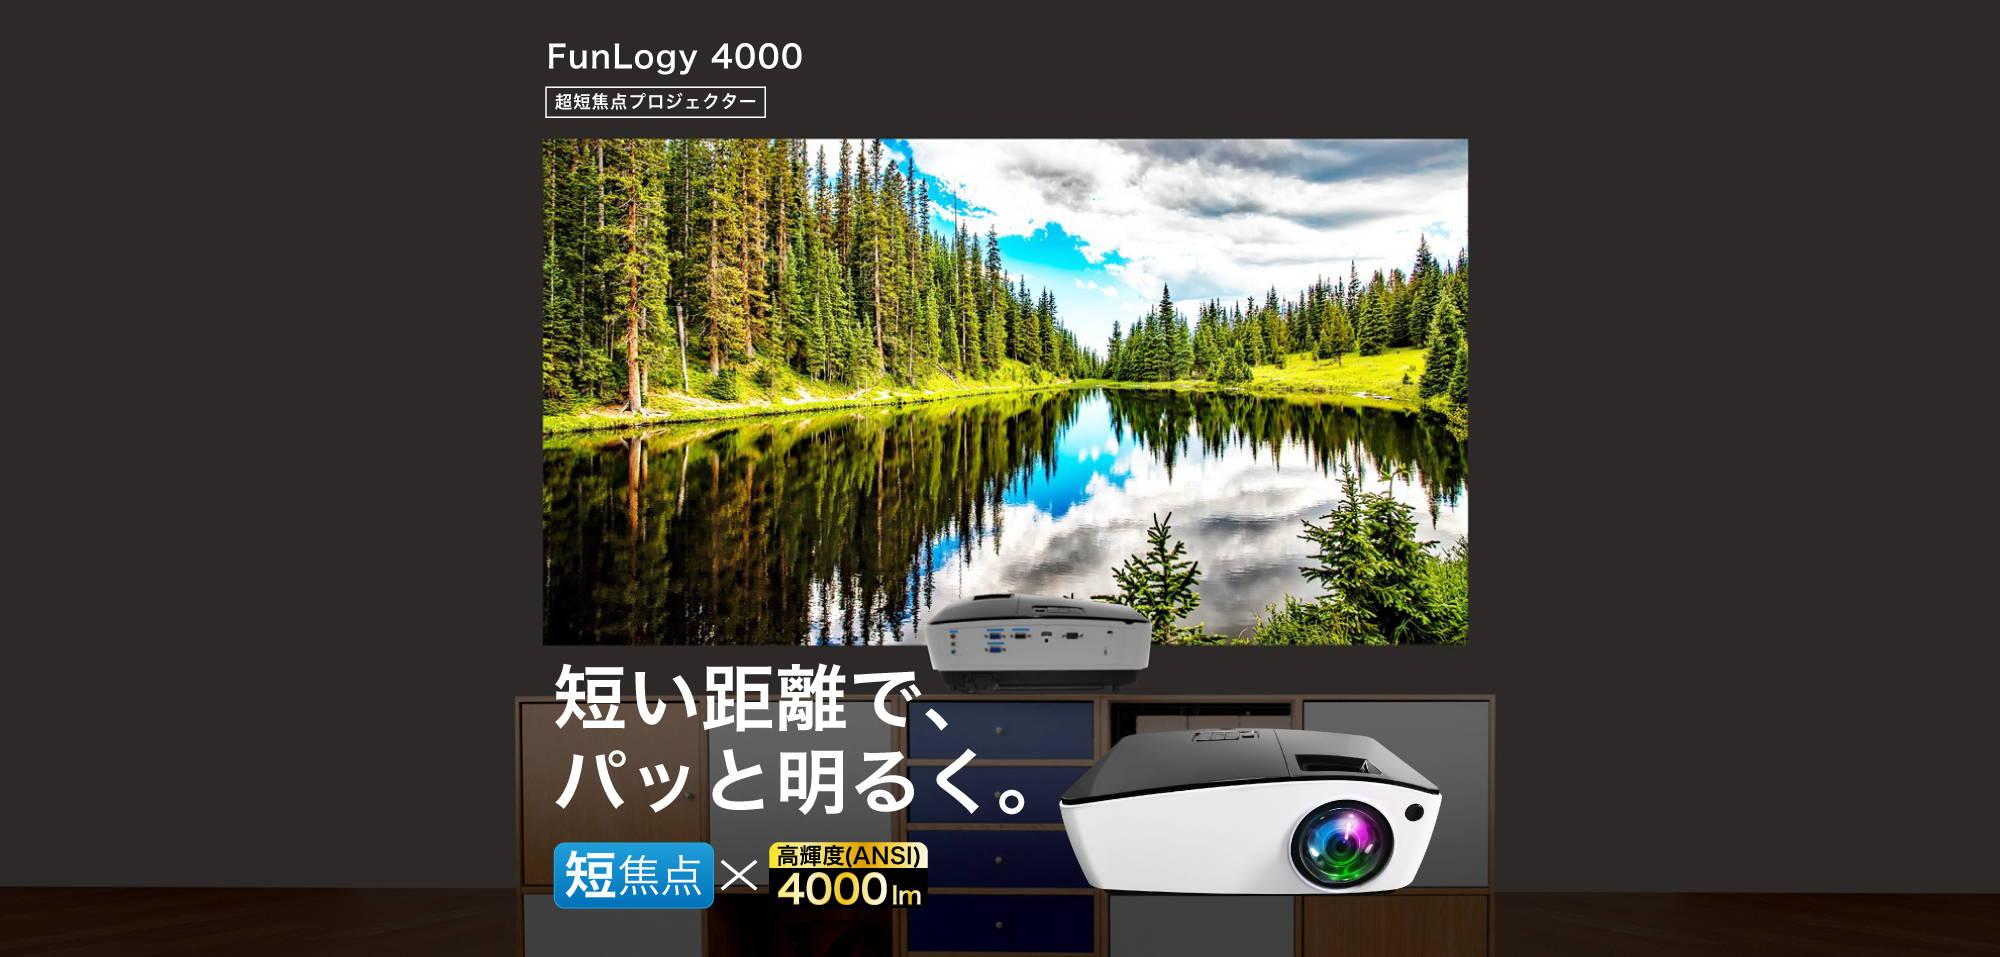 壁の近くで大画面を投影できるFunLogy 4000